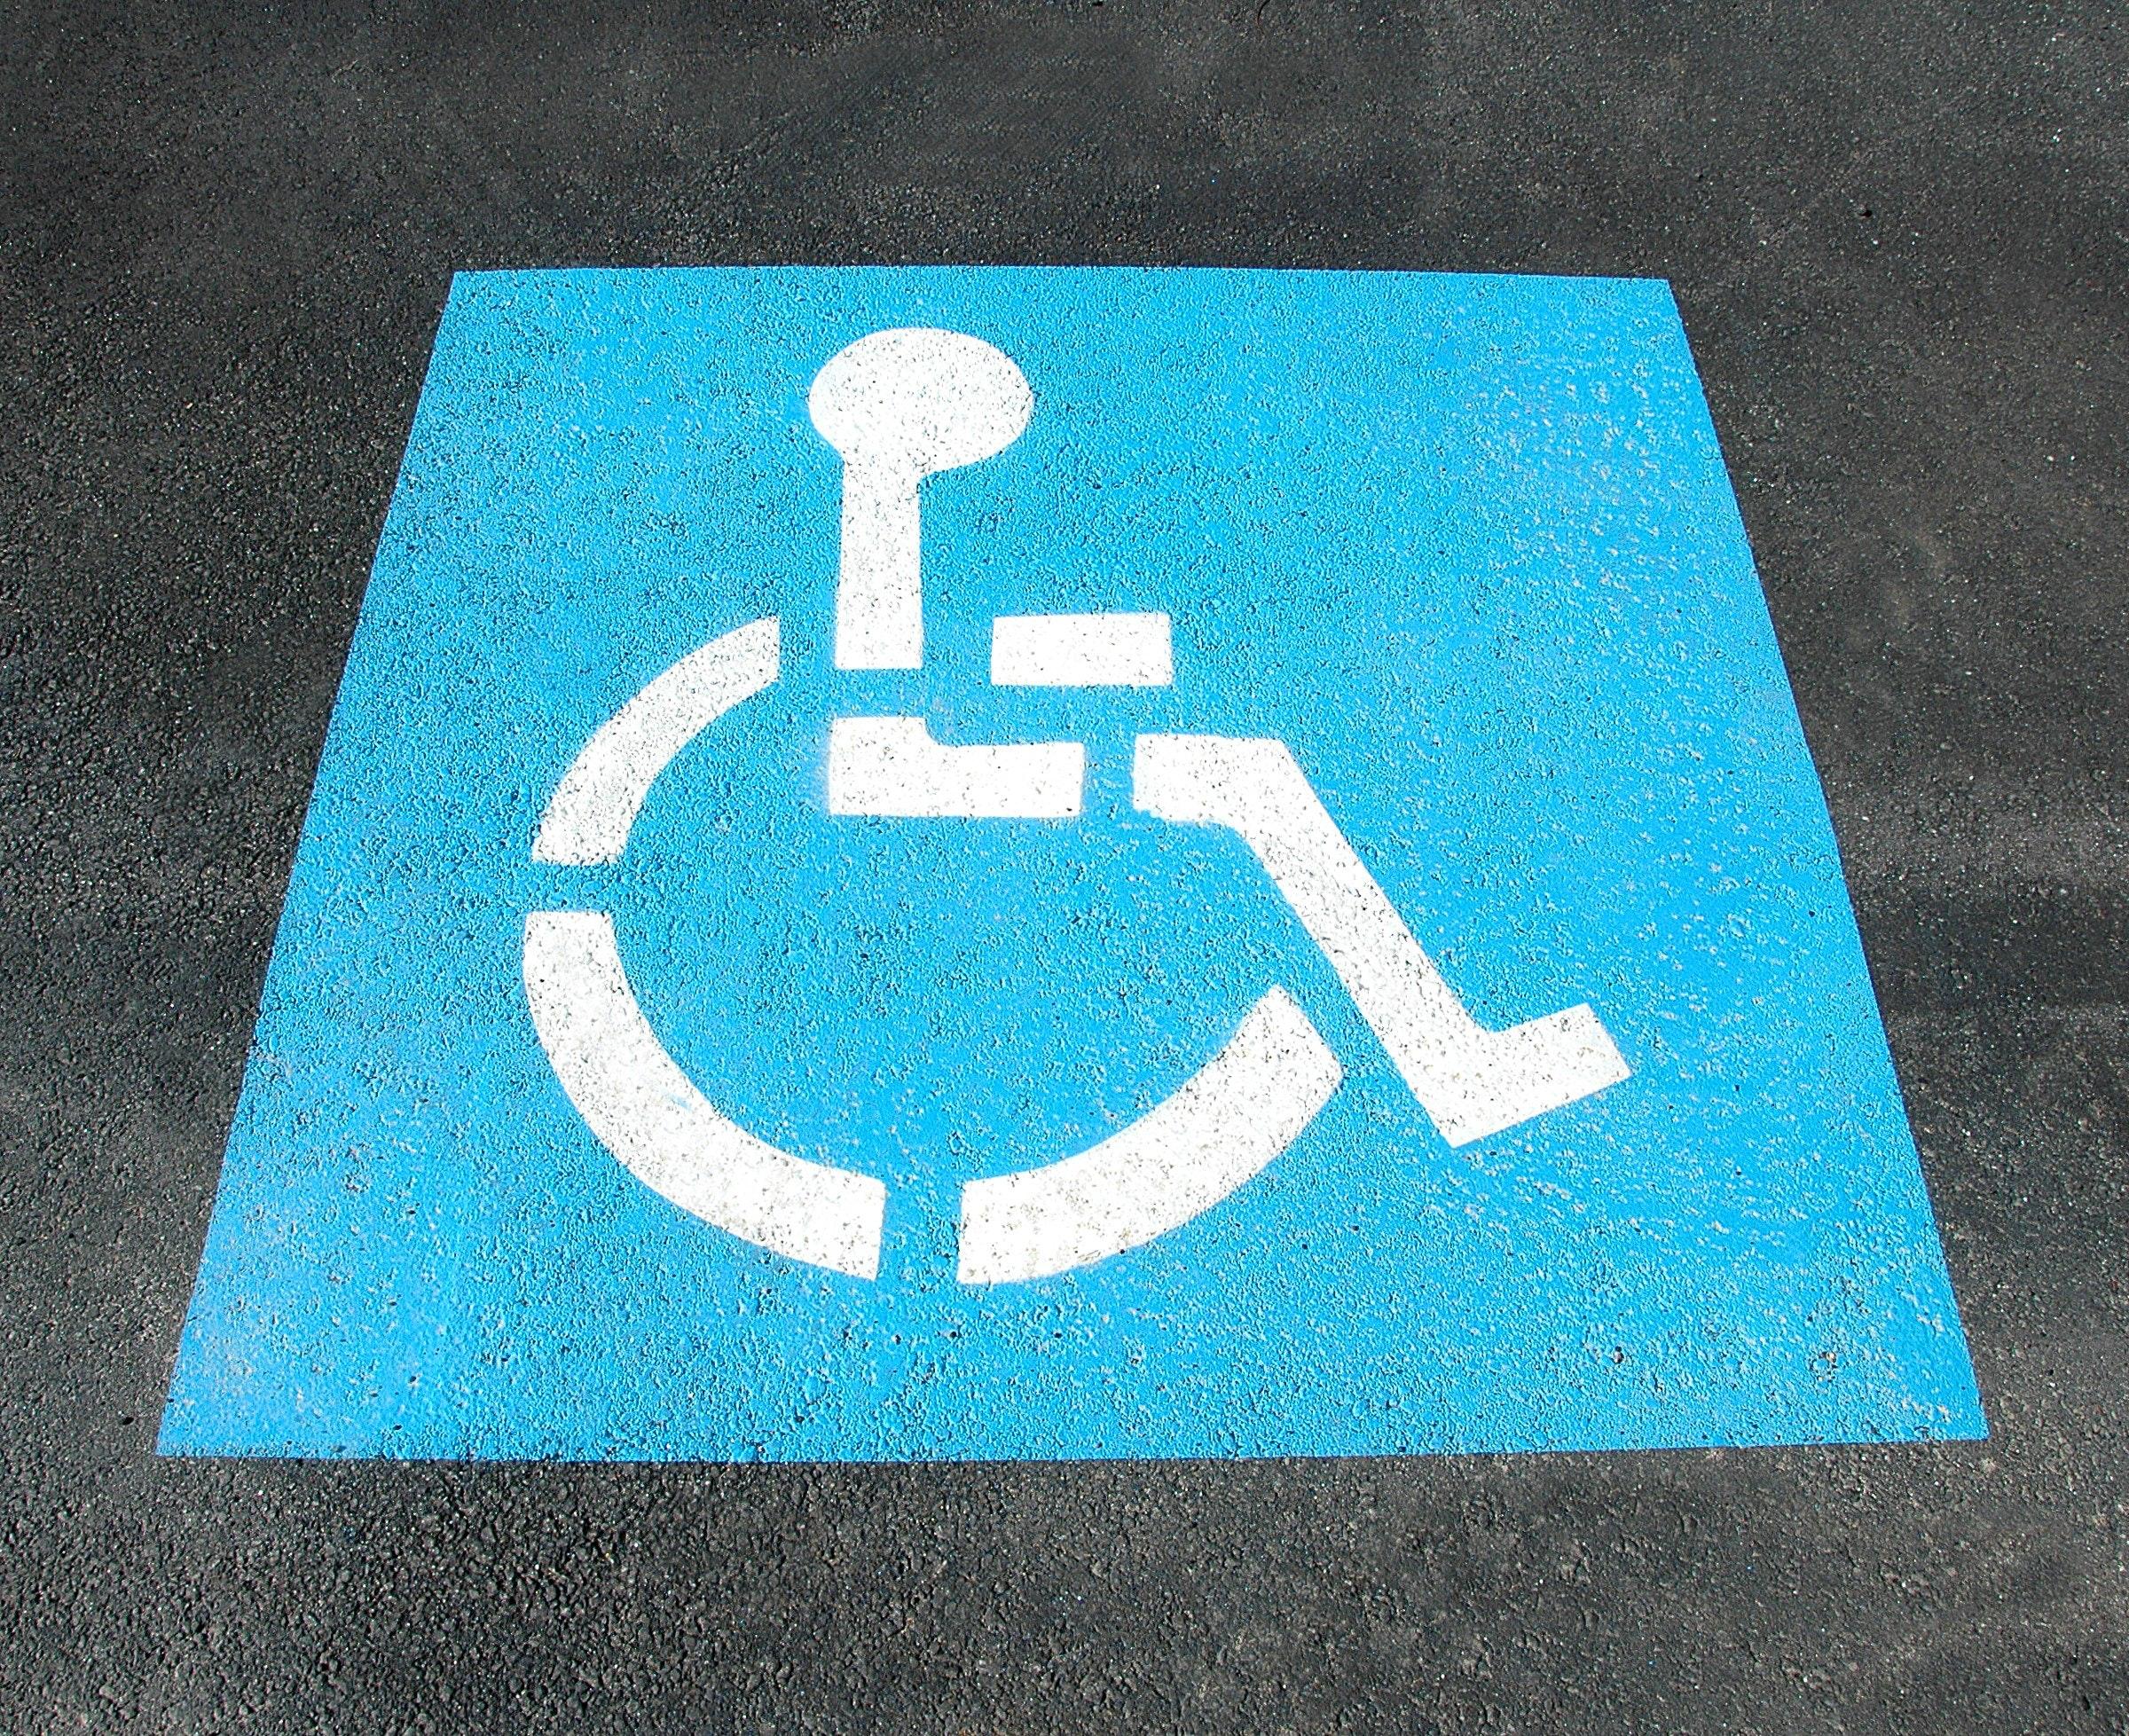 imagen de accesibilidad